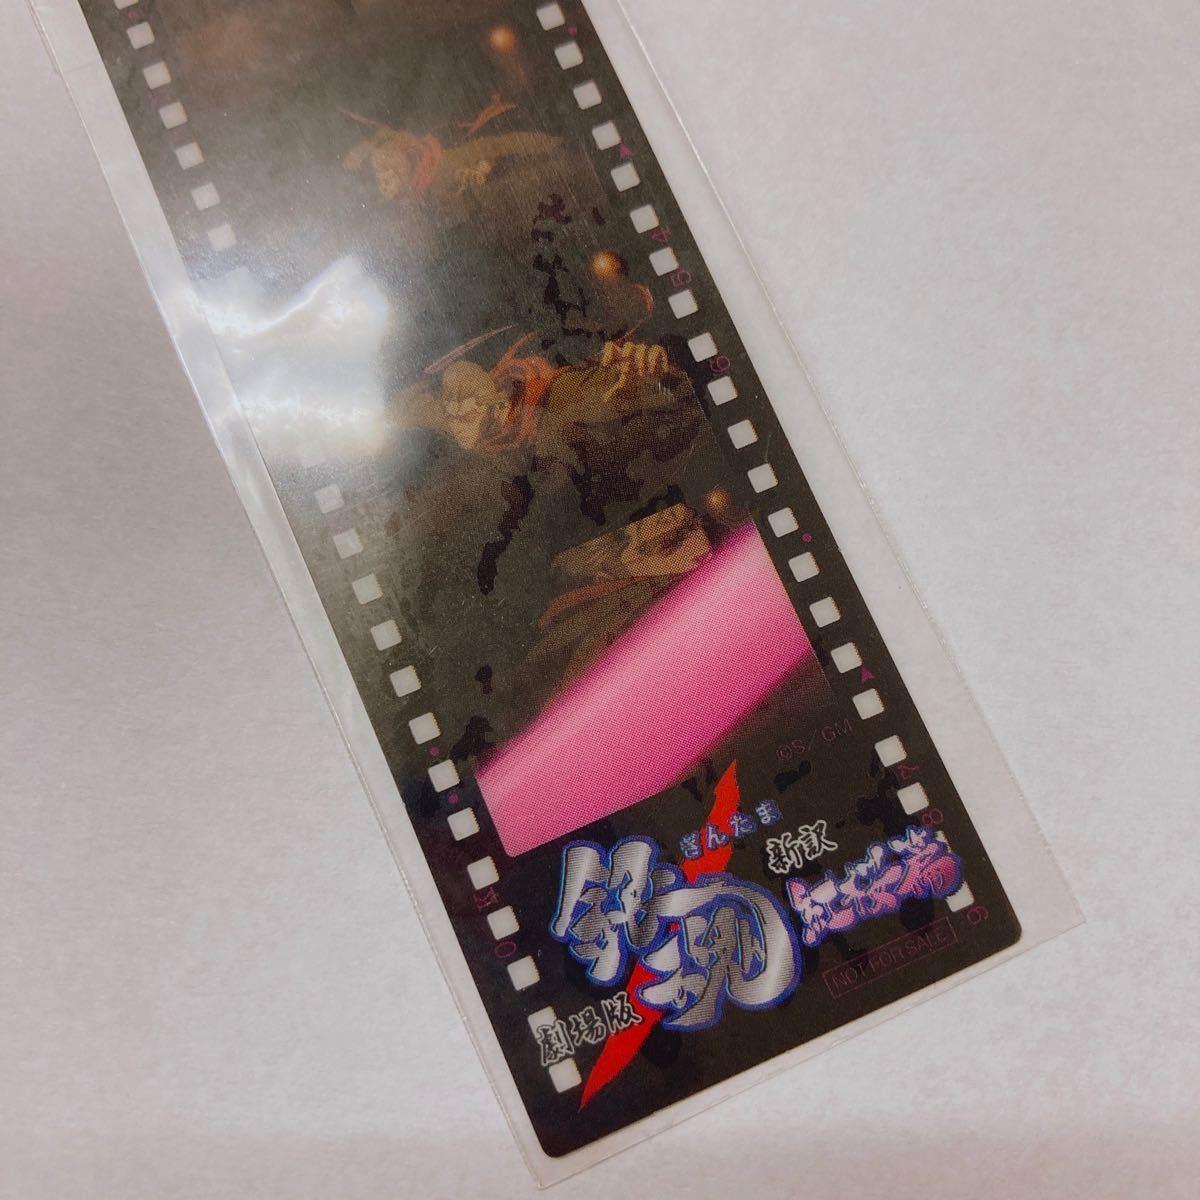 劇場版 銀魂 新訳紅桜篇 完全生産限定版/DVD 入場者特典 生フィルムコマ